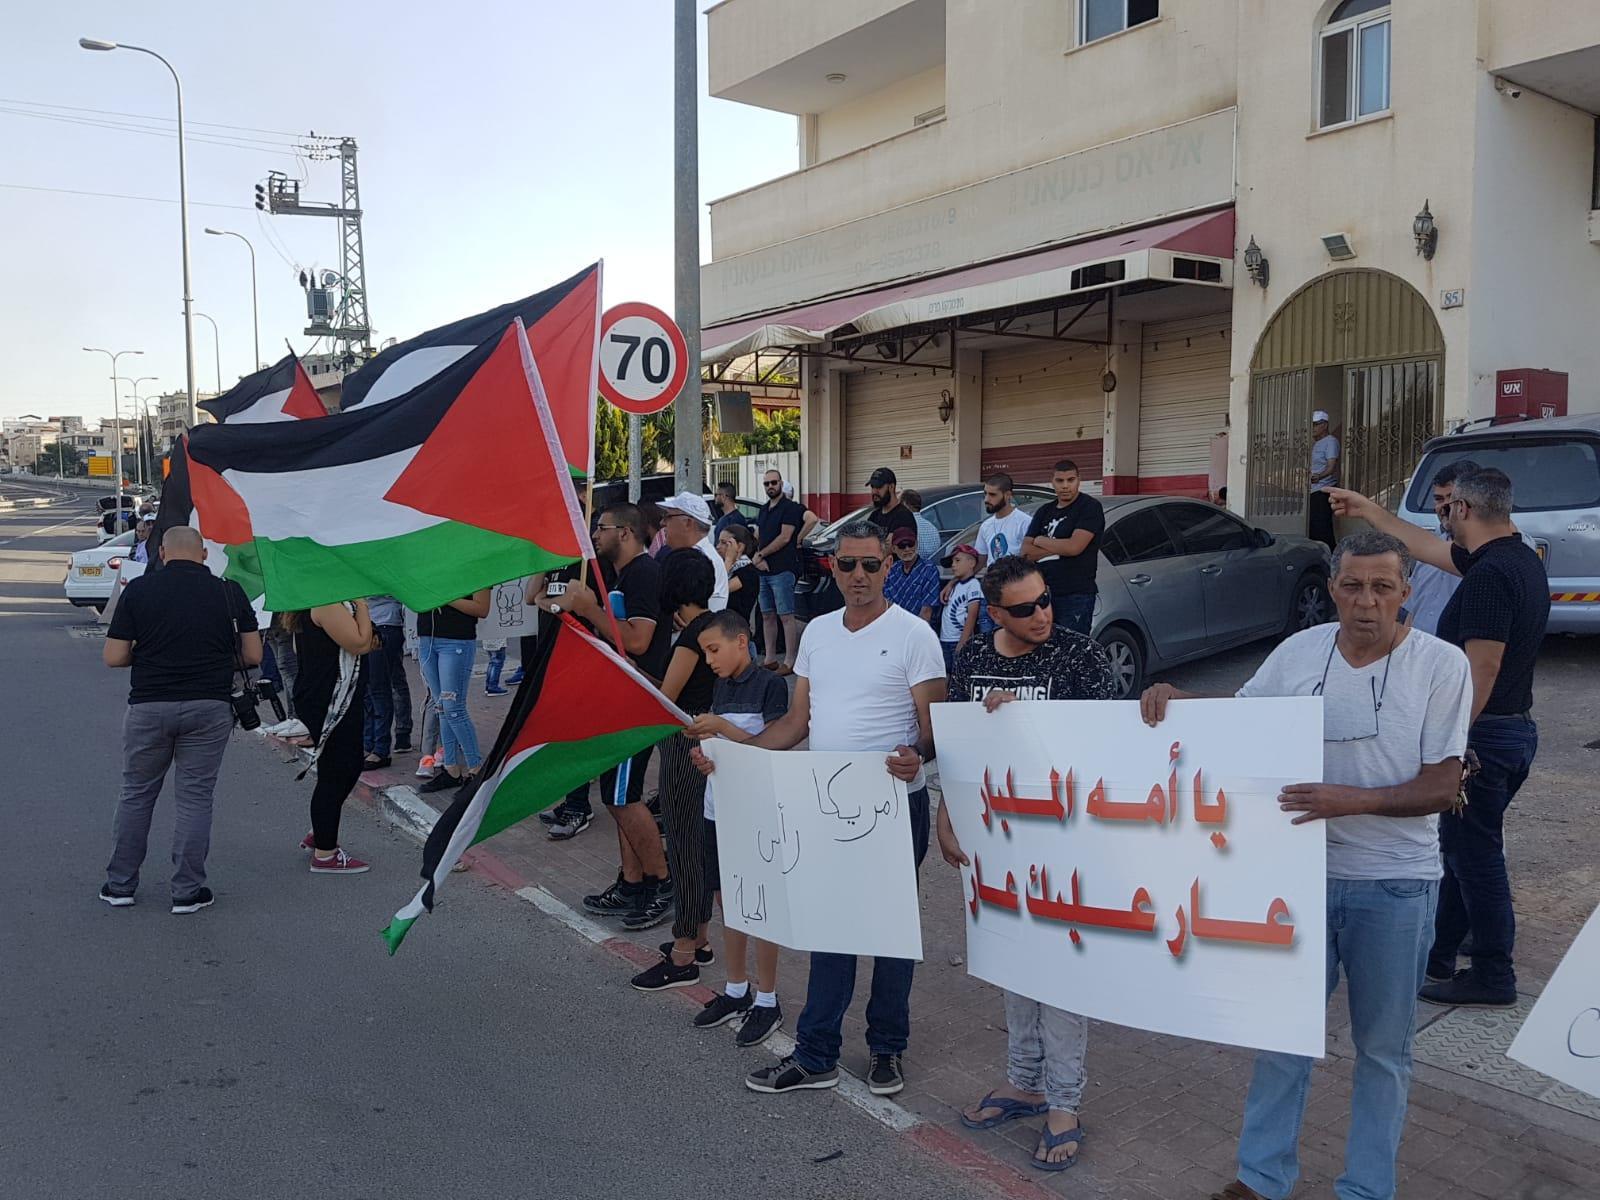 وقفتان احتجاجيتان نصرة لغزة في عكا وجديدة المكر